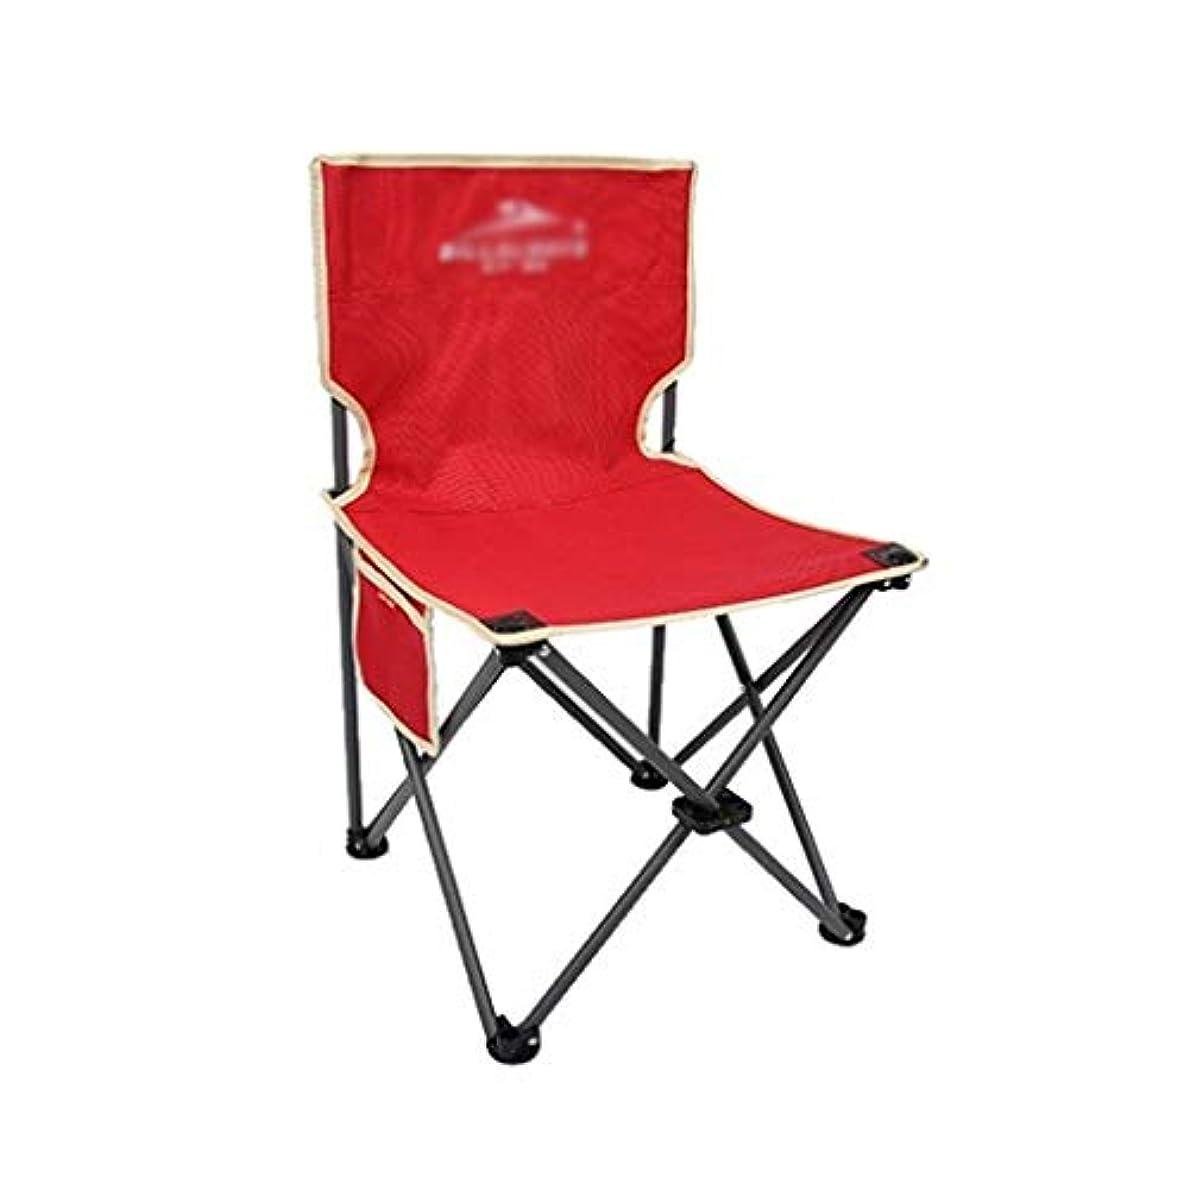 ガラス恐れる現金CSQポータブル キャンプチェア、赤い丈夫な屋外チェア耐久性のある防水ピクニックチェアビーチベンチ折りたたみ釣りチェア 折りたたみ式 (Color : Red, Size : 38CM)